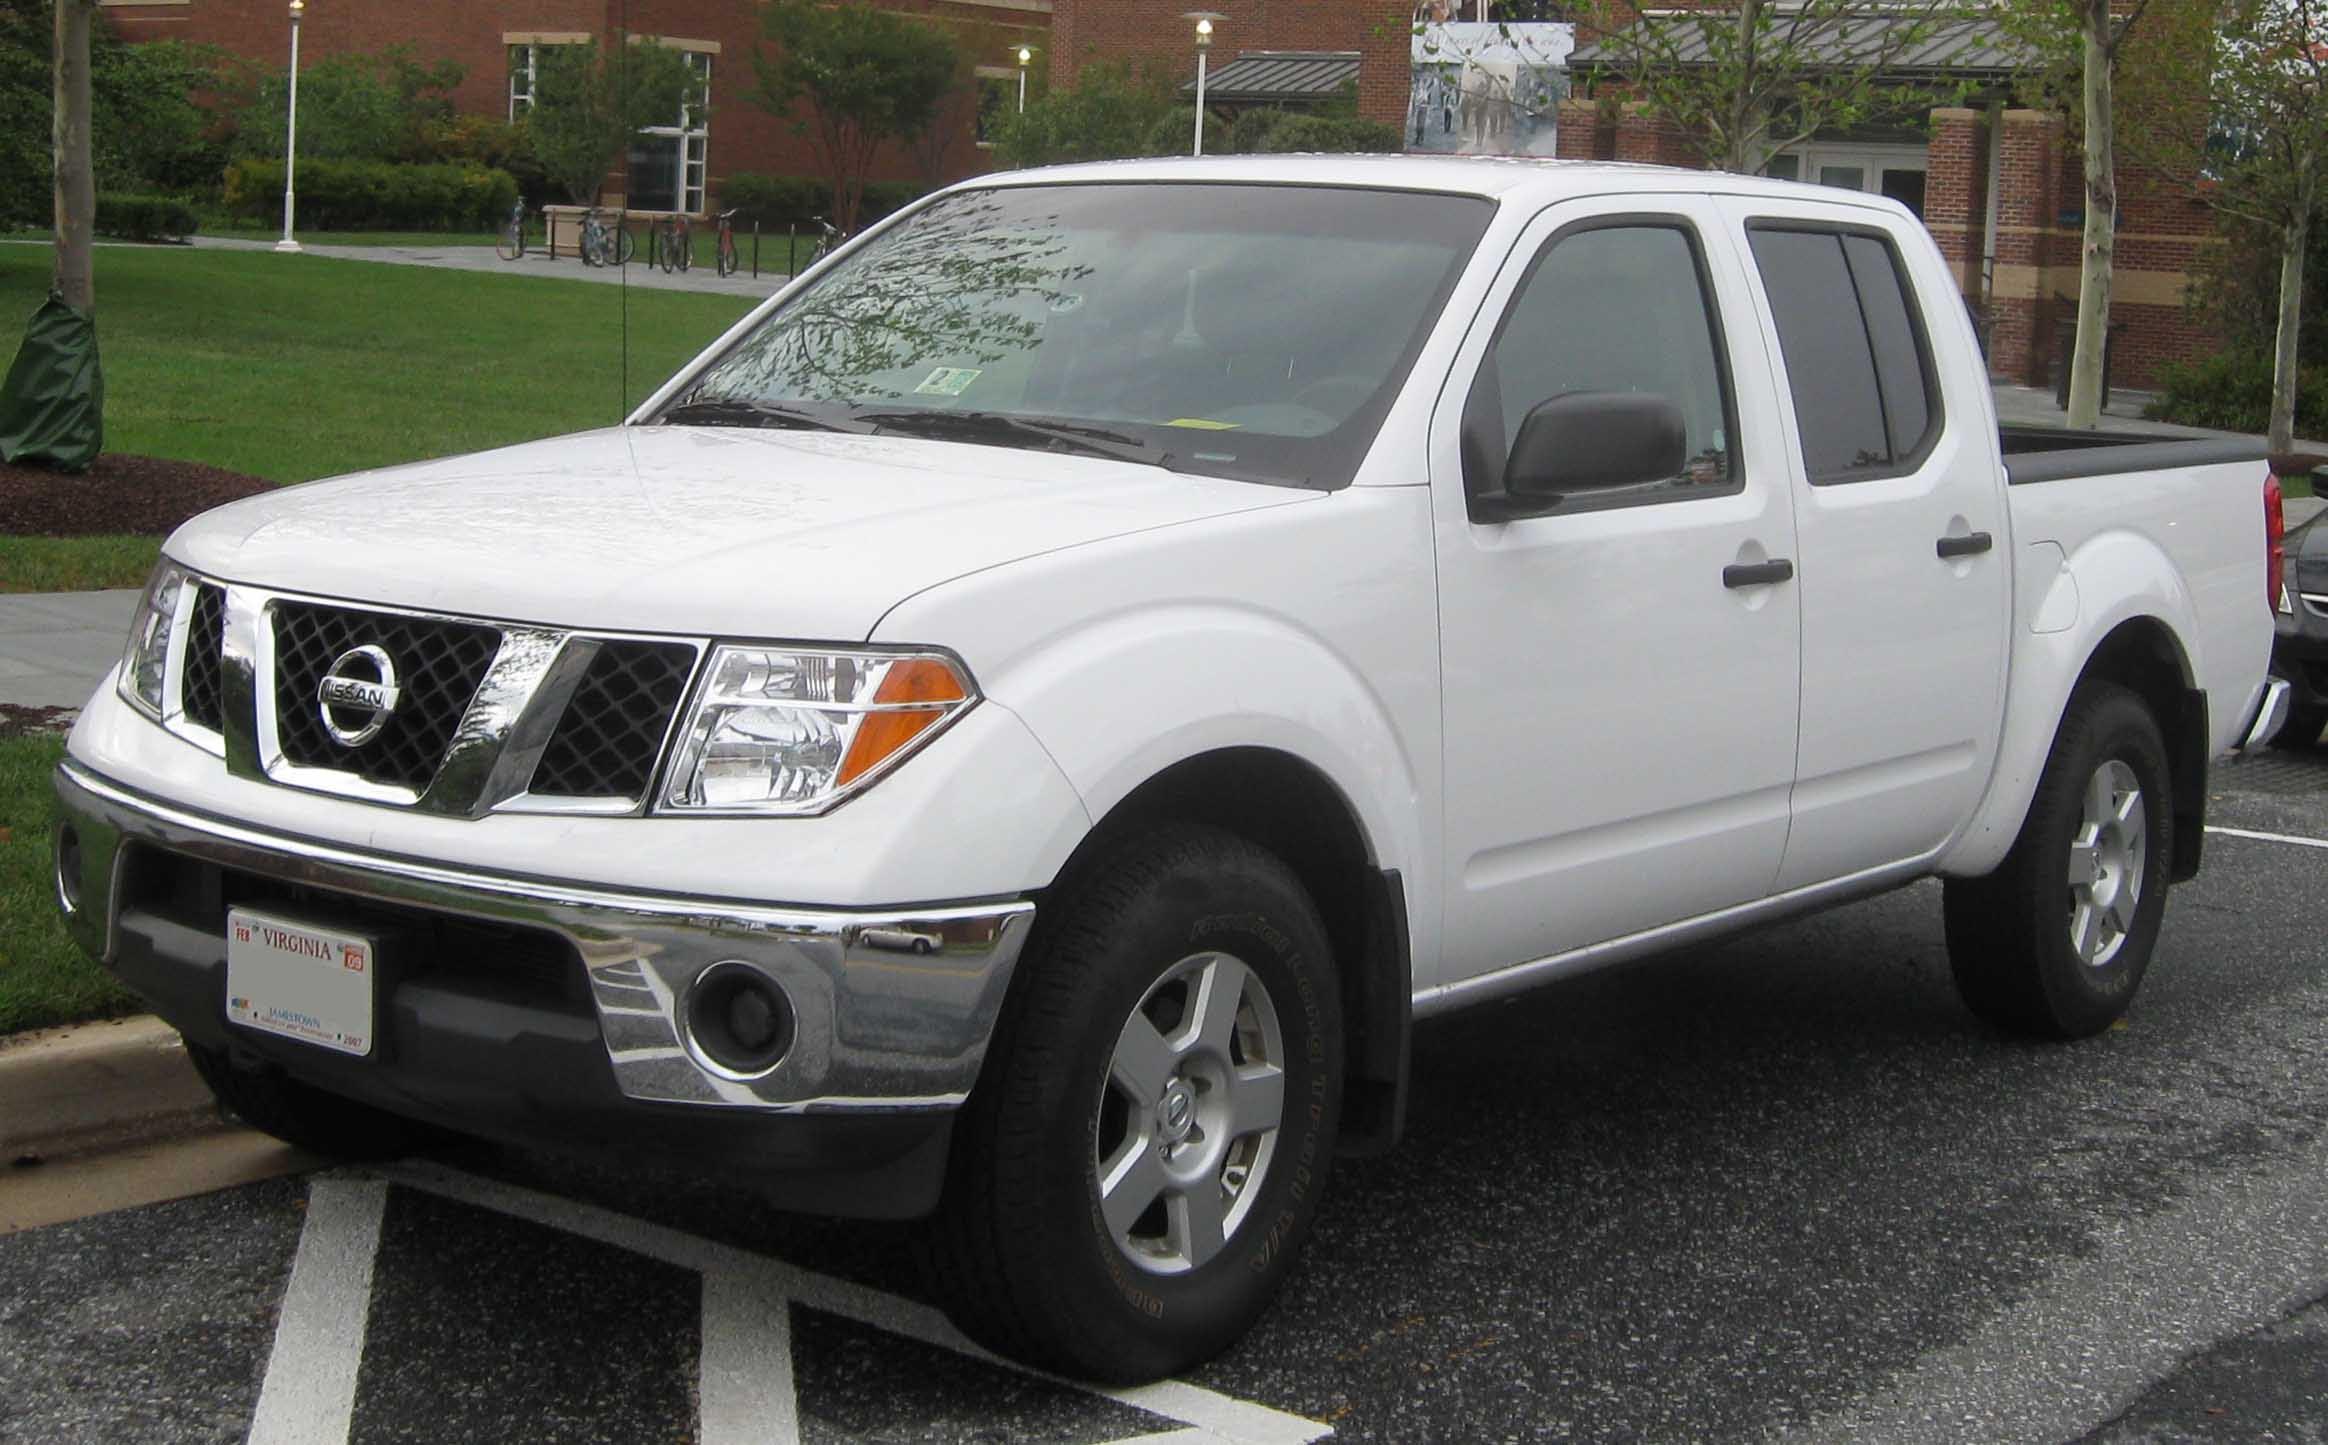 2007 Nissan Frontier 4X4 gallery